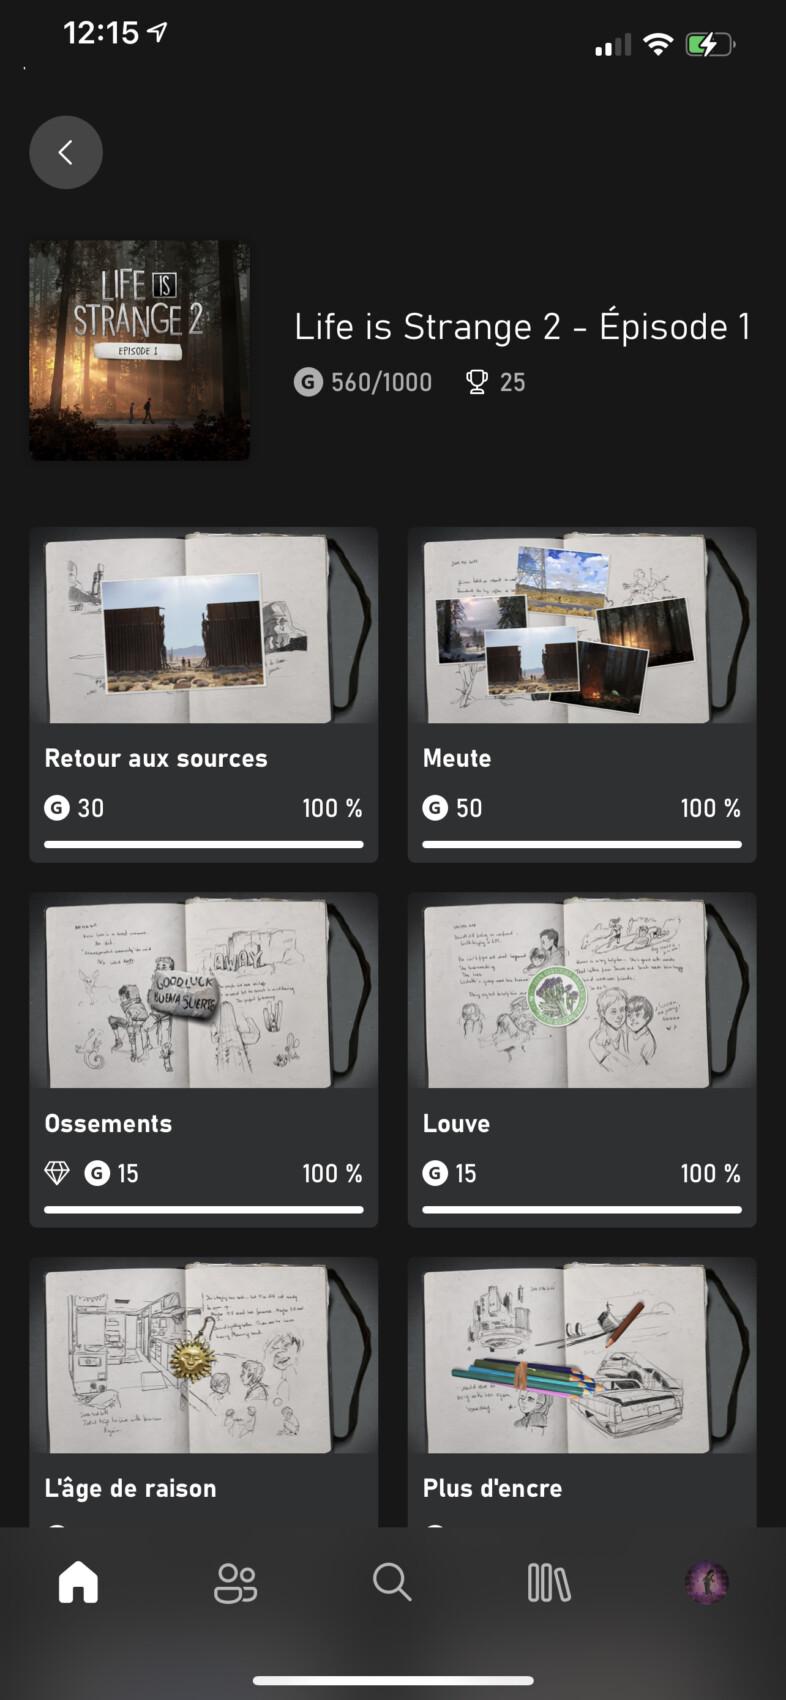 Les succès apparaissent enfin sur l'app Xbox